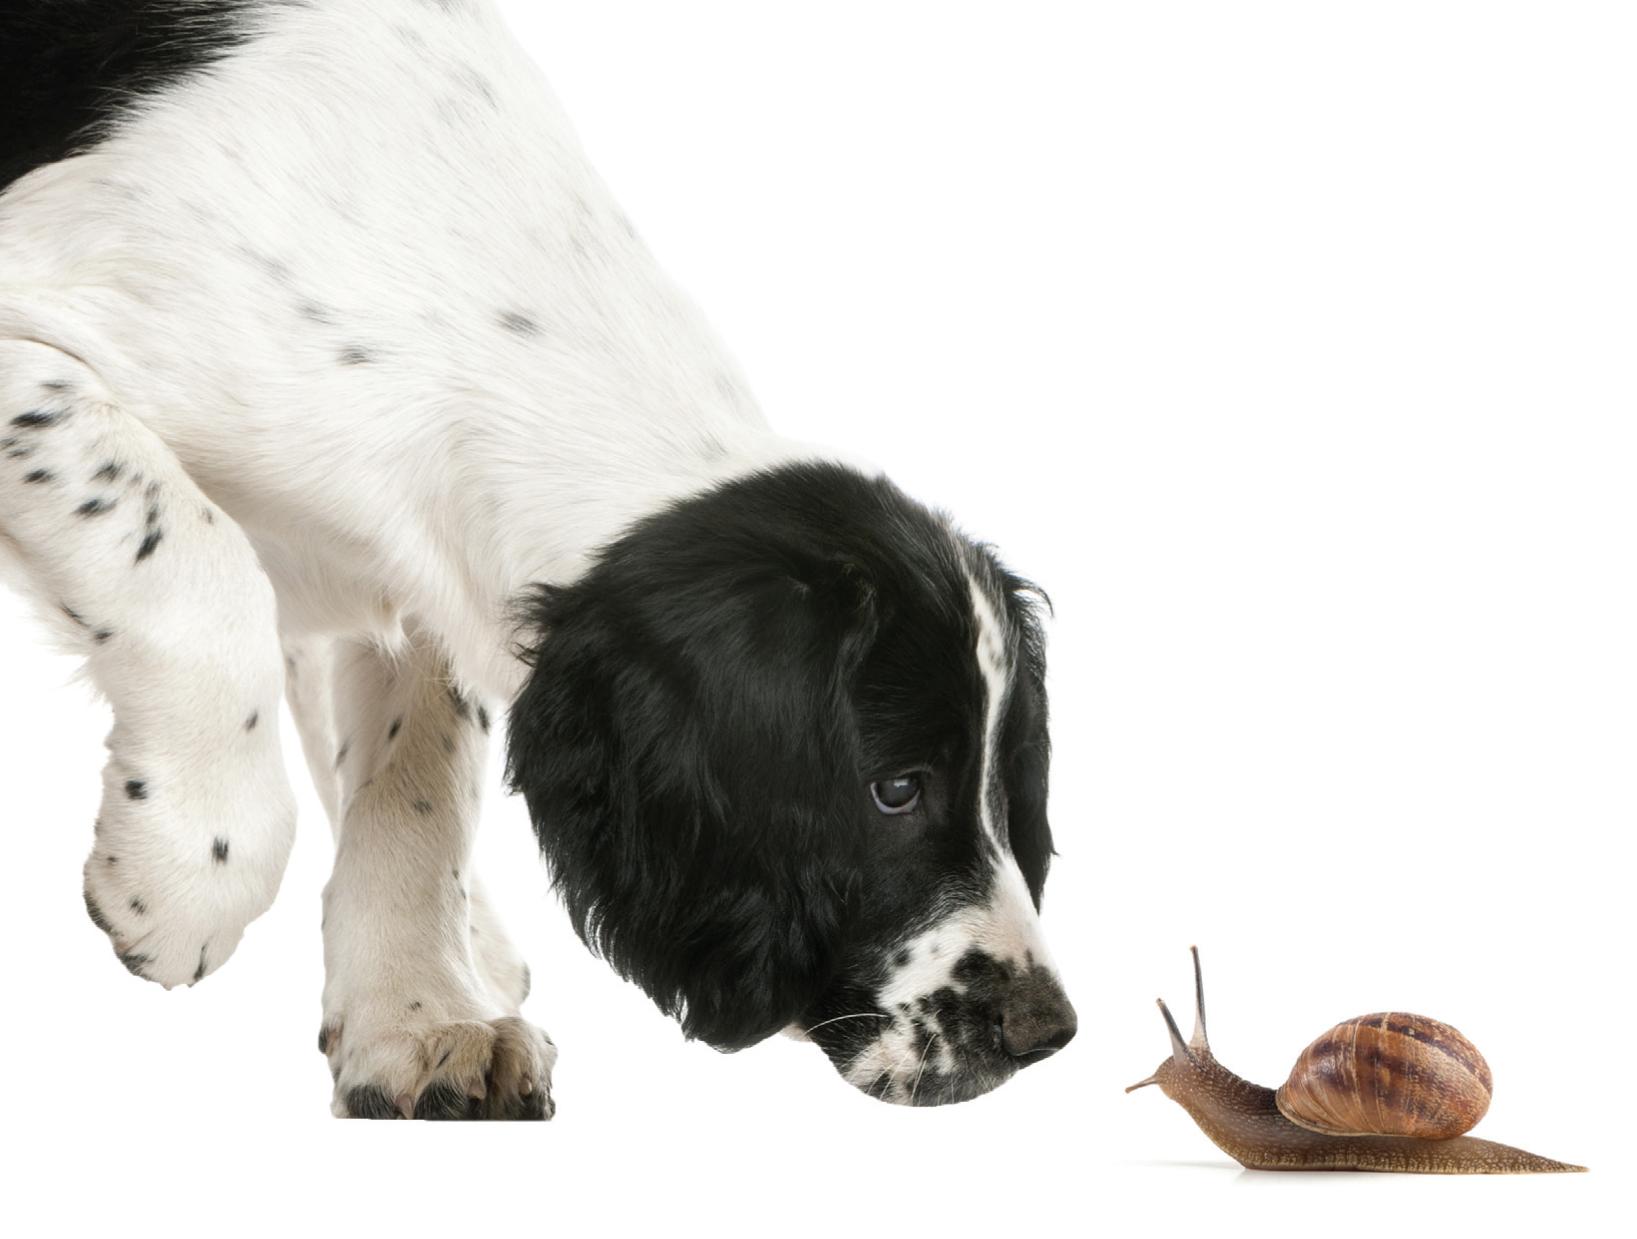 Opgepast: slakkenkorrels zijn giftig voor honden!